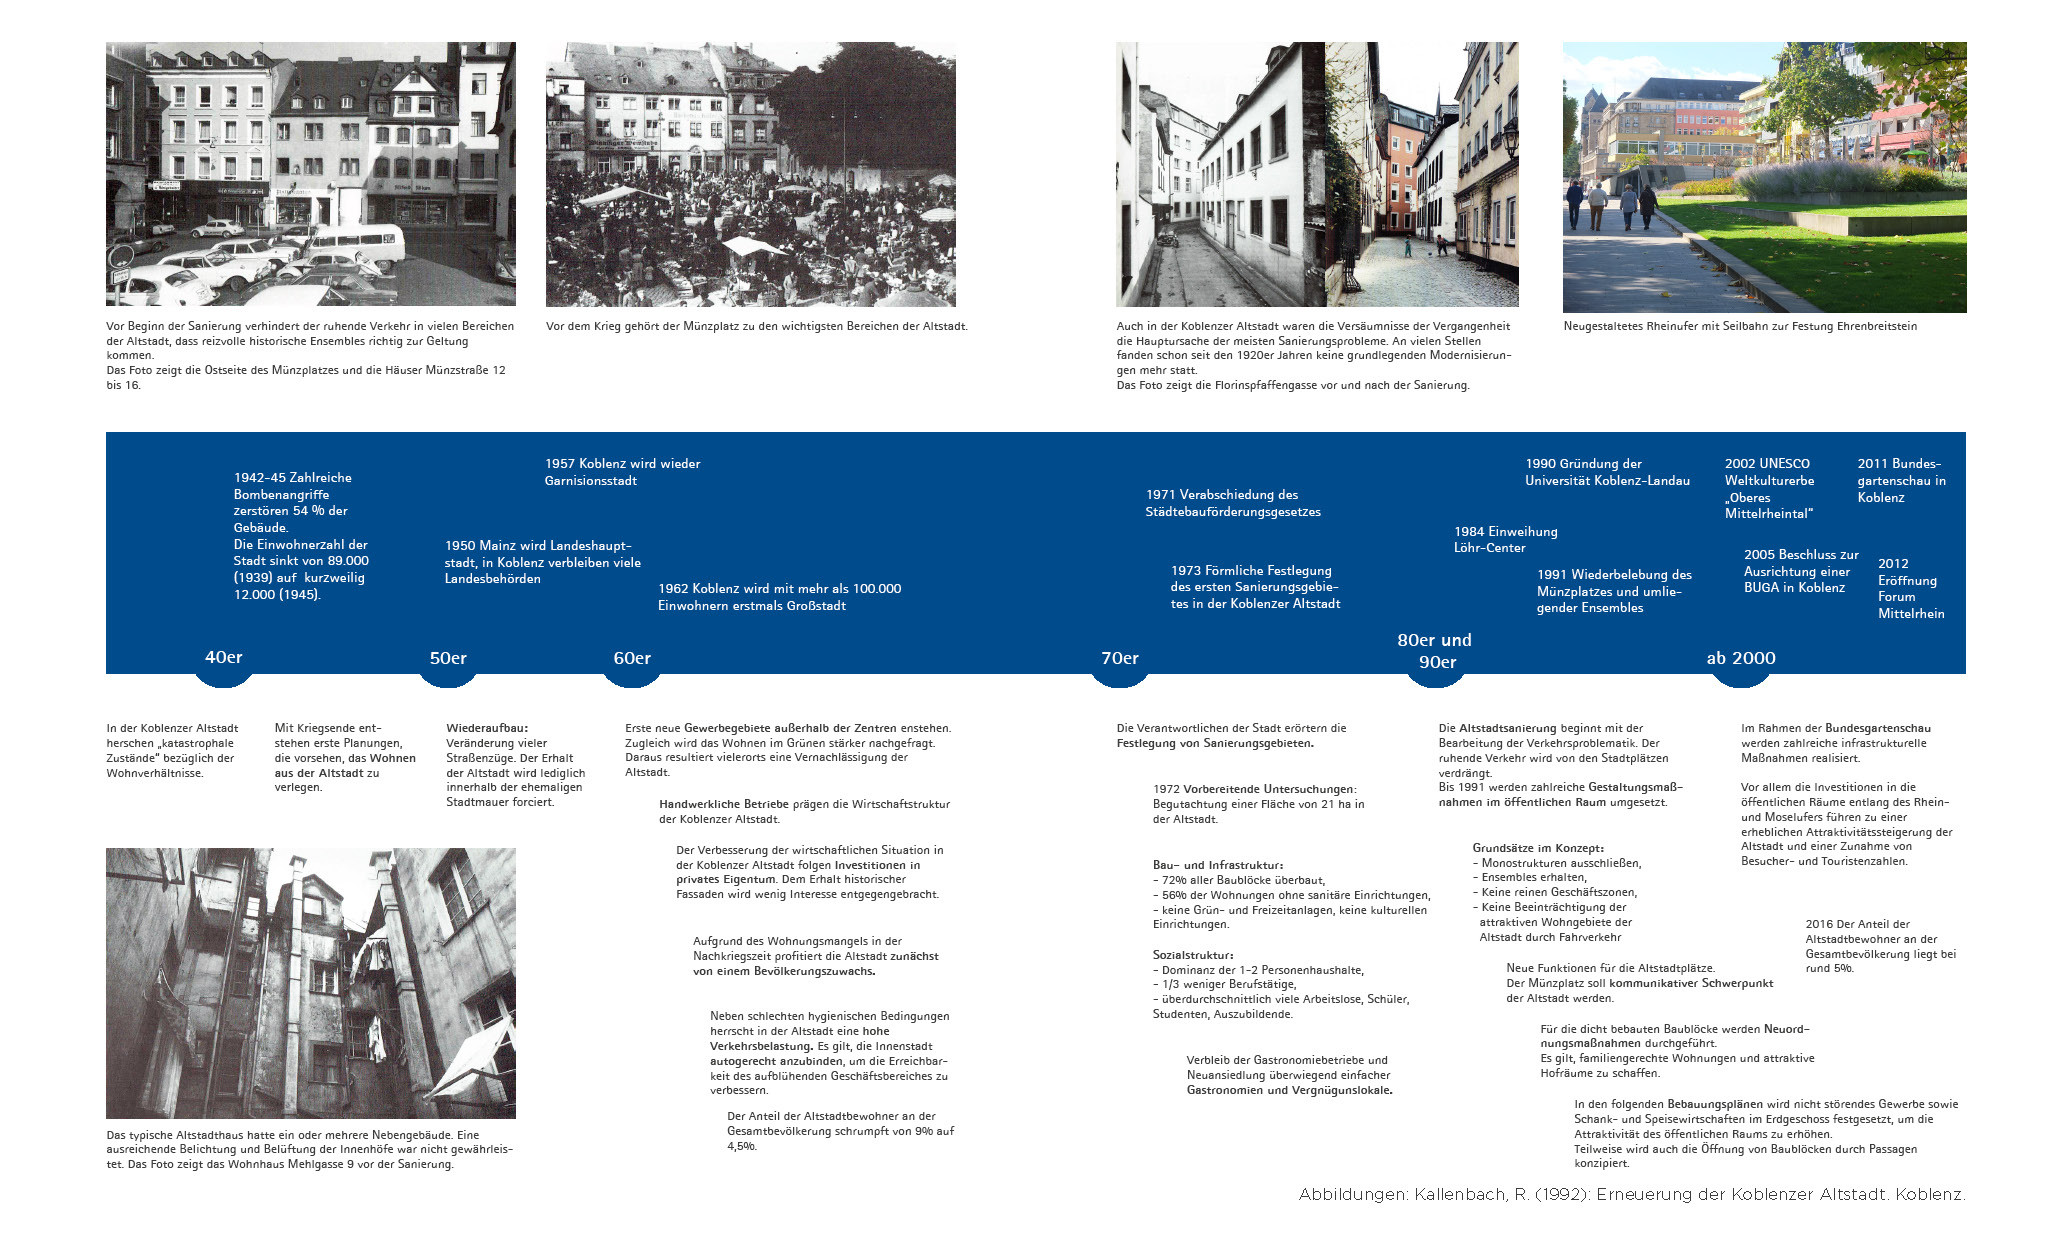 Zeitstrahl zur Entwicklung der Koblenzer Altstadt